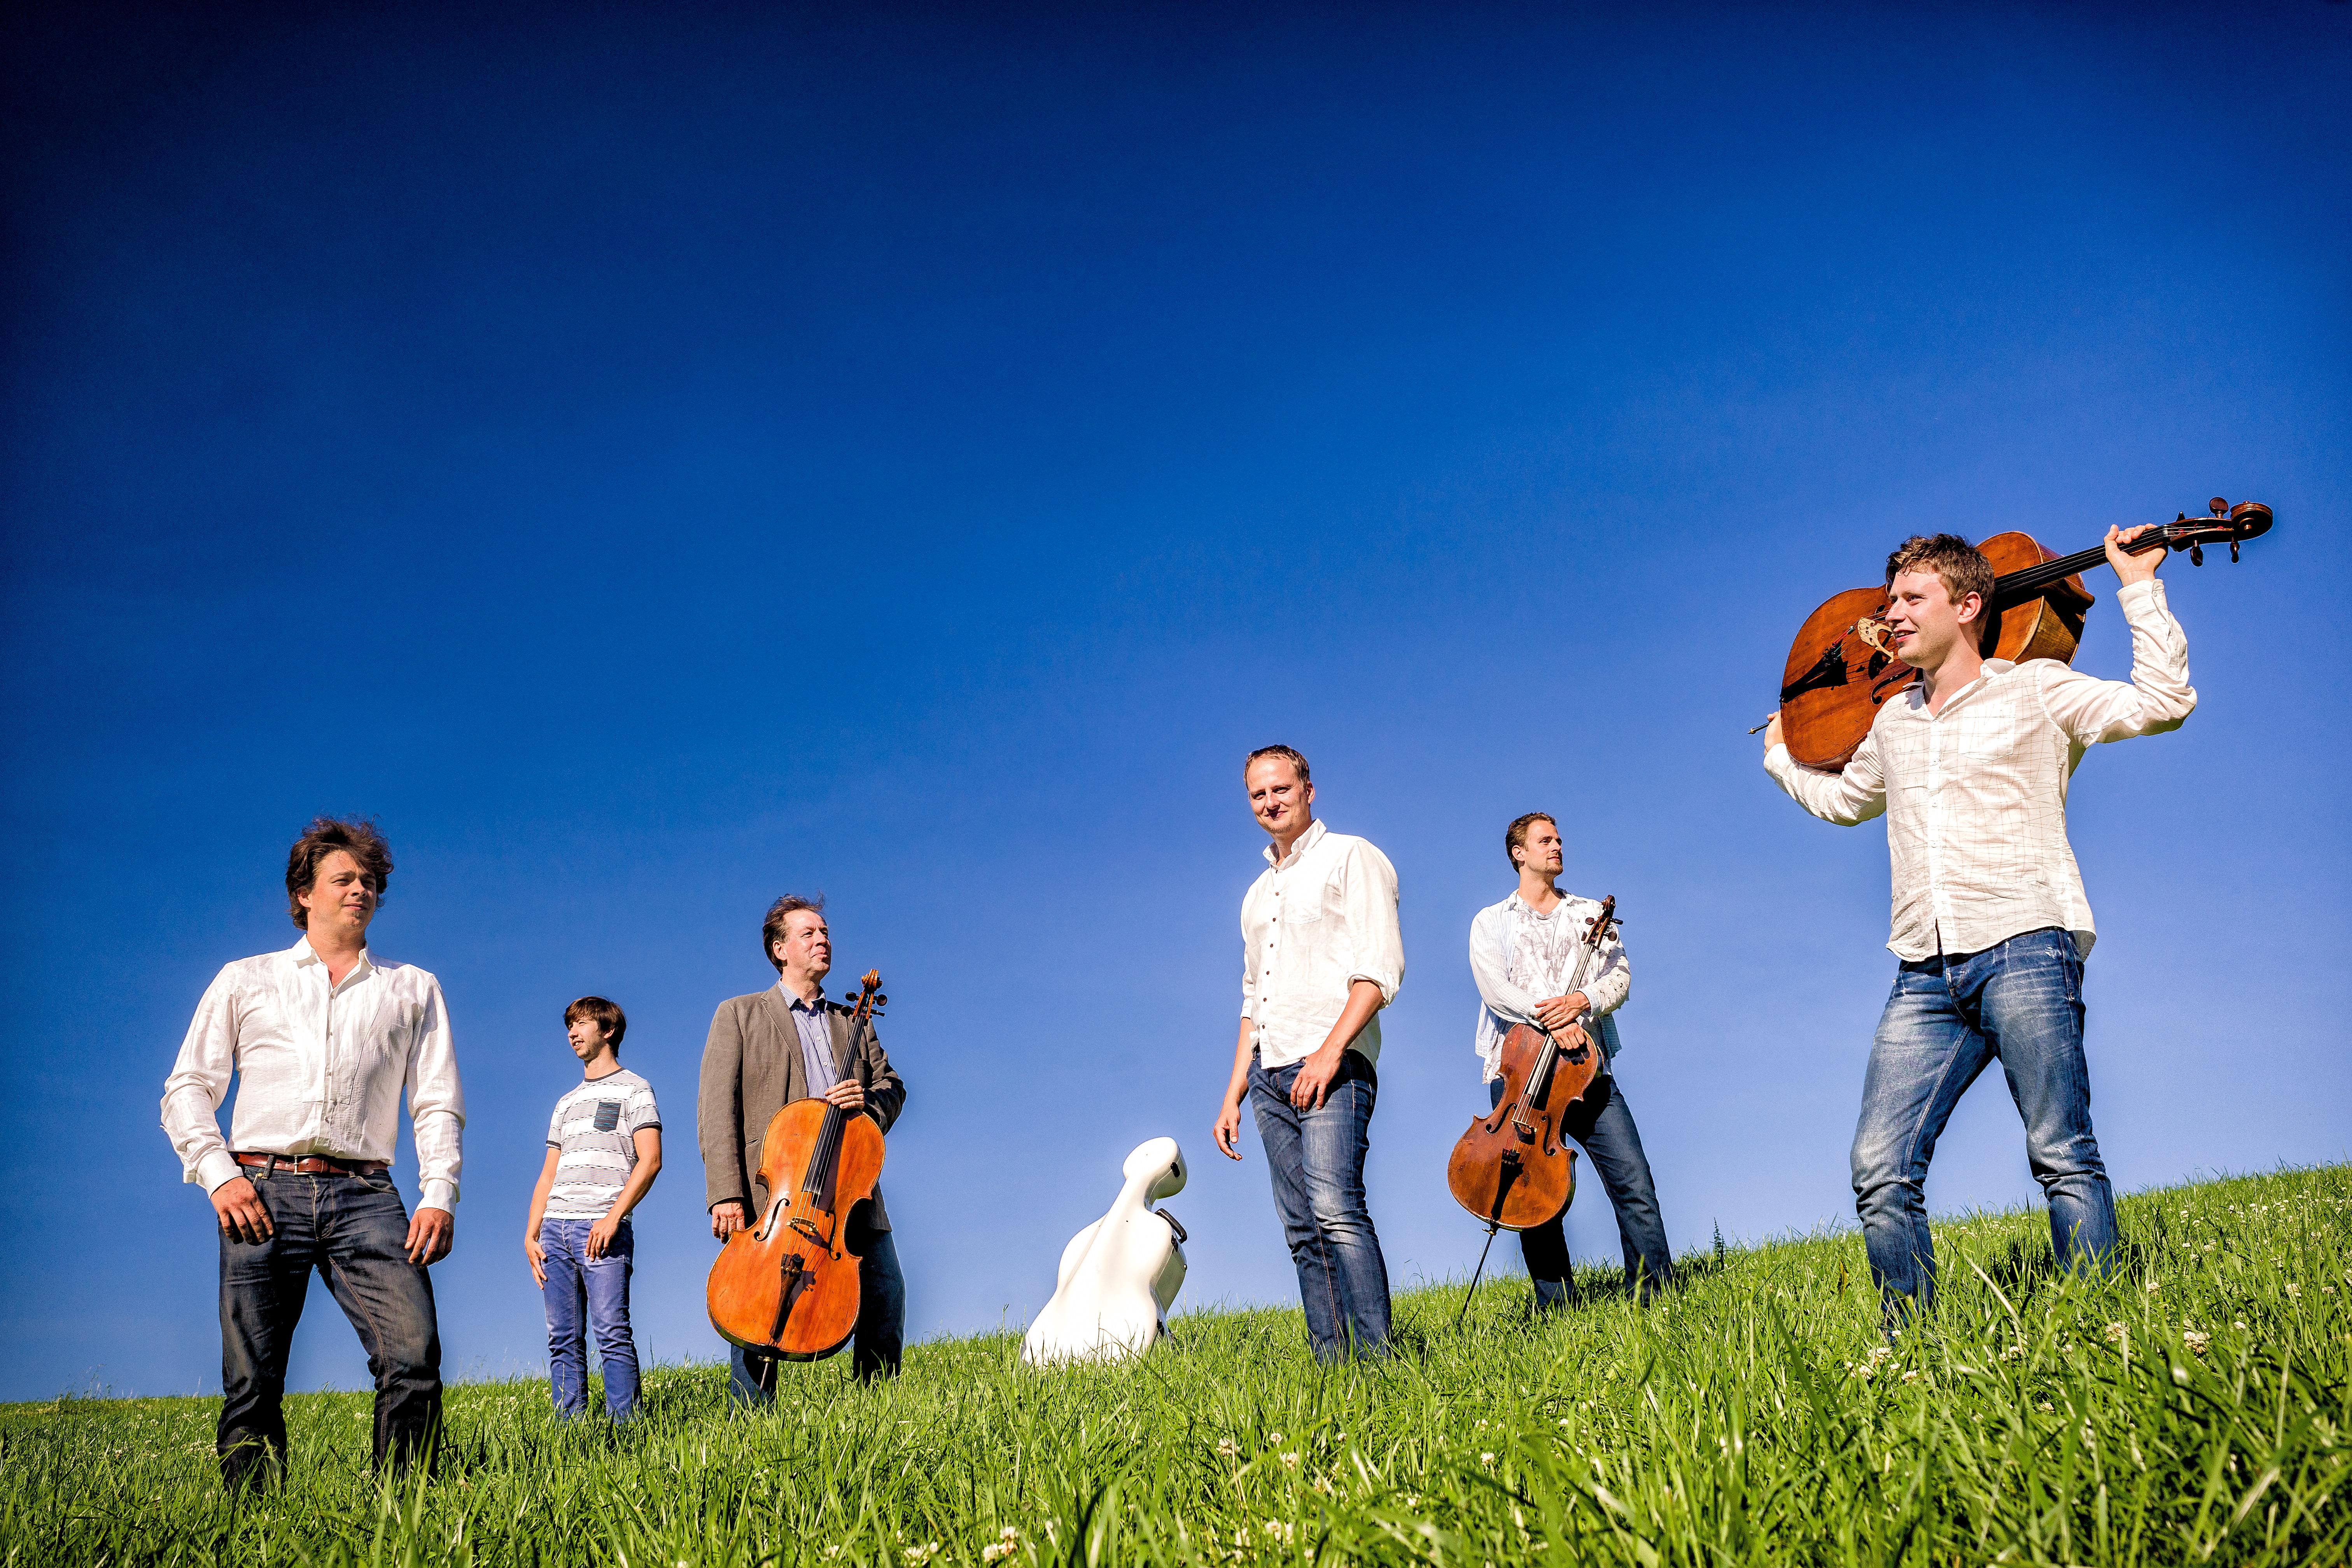 Total Cello Ensemble 2013. Musicians from the left: Samuli Peltonen, Tomas Nunez-Garces, Hannu Kiiski, Jussi Vähälä, Tuomas Ylinen, Tuomas Lehto